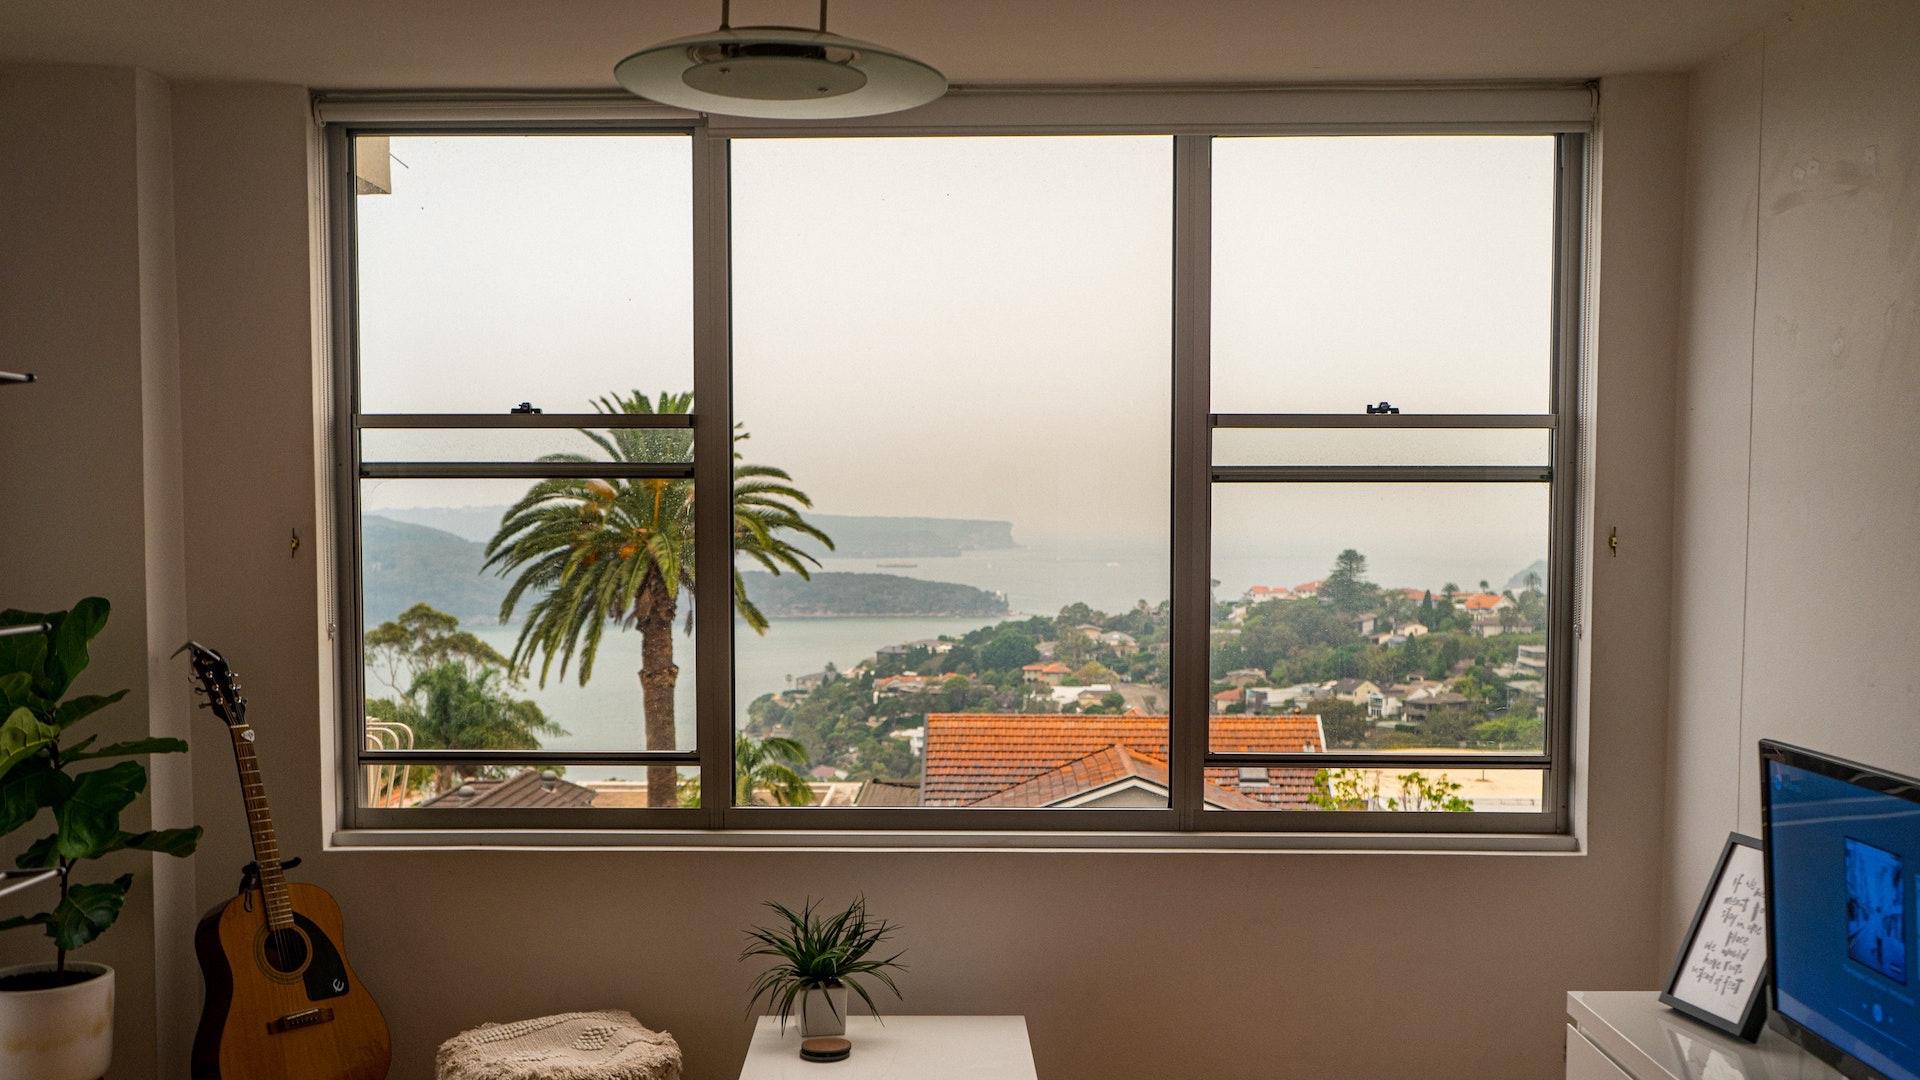 窓から見える海のある街